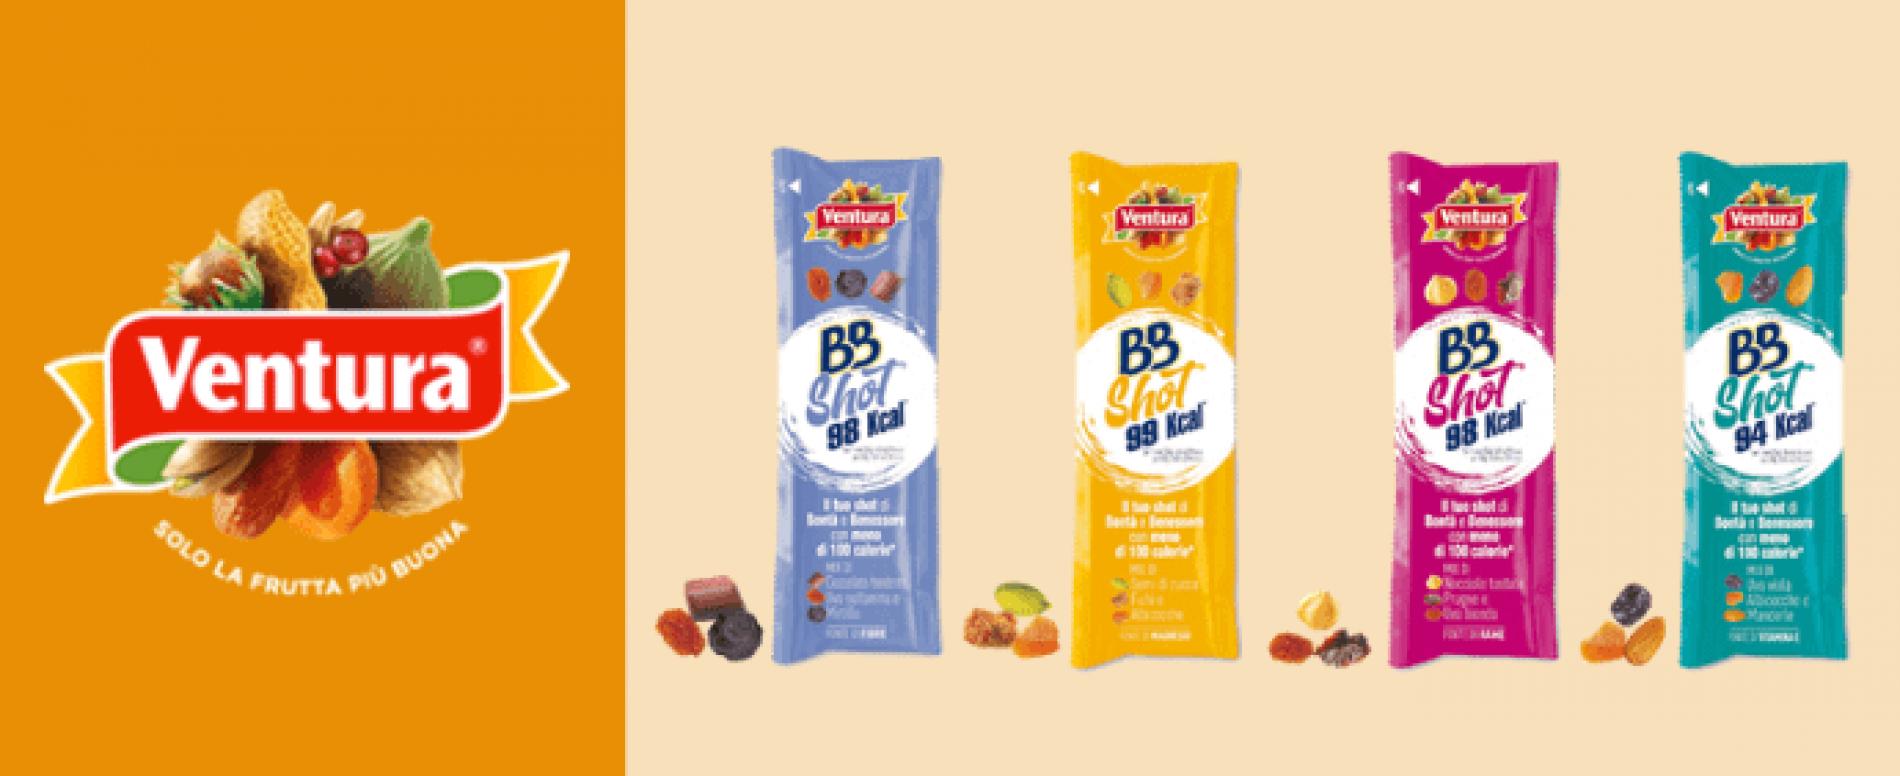 Ventura lancia BBSHOT, la rivoluzionaria linea di snack a base frutta secca